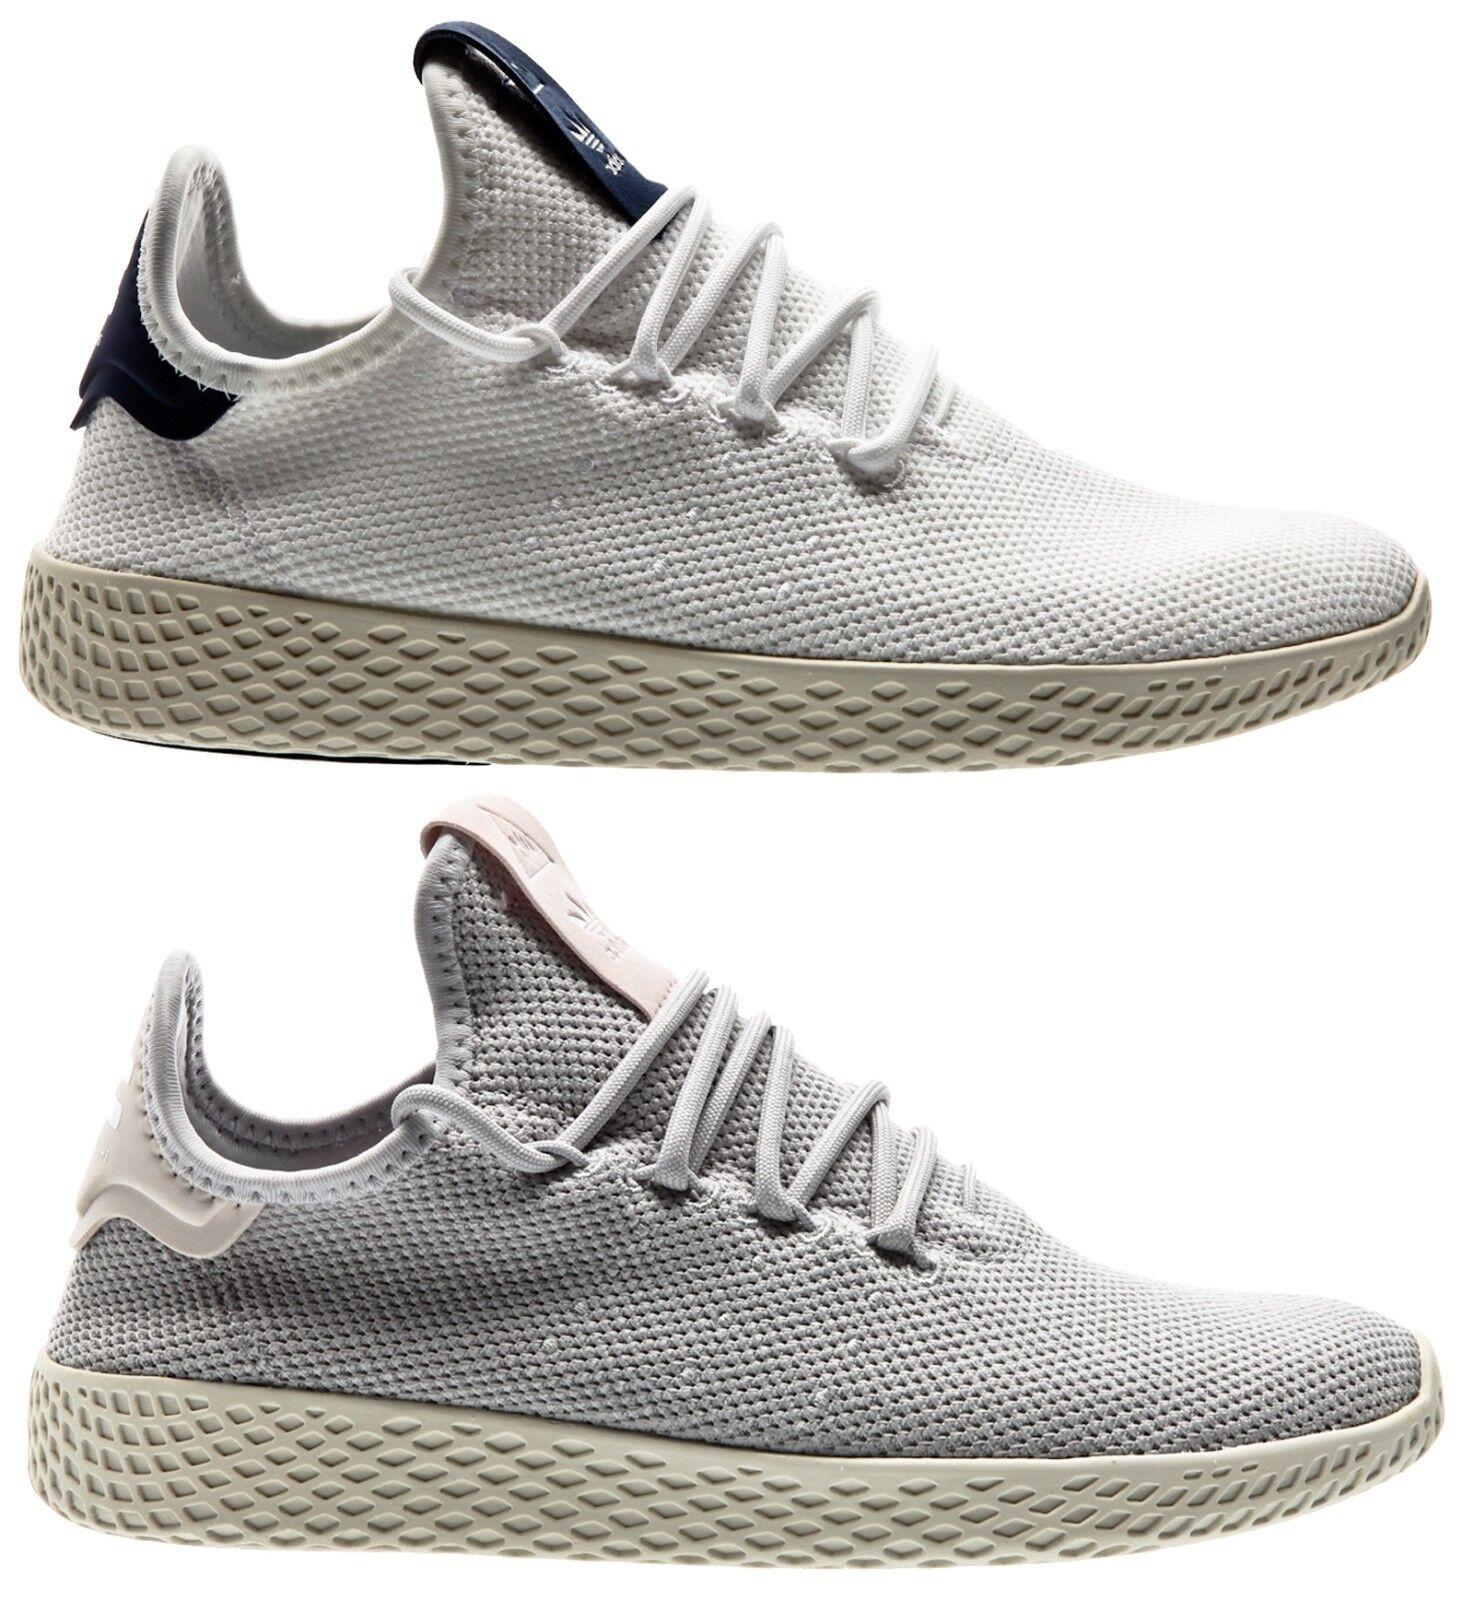 Adidas Originals Pw Tennis Hu W Women Sneaker Women's shoes shoes